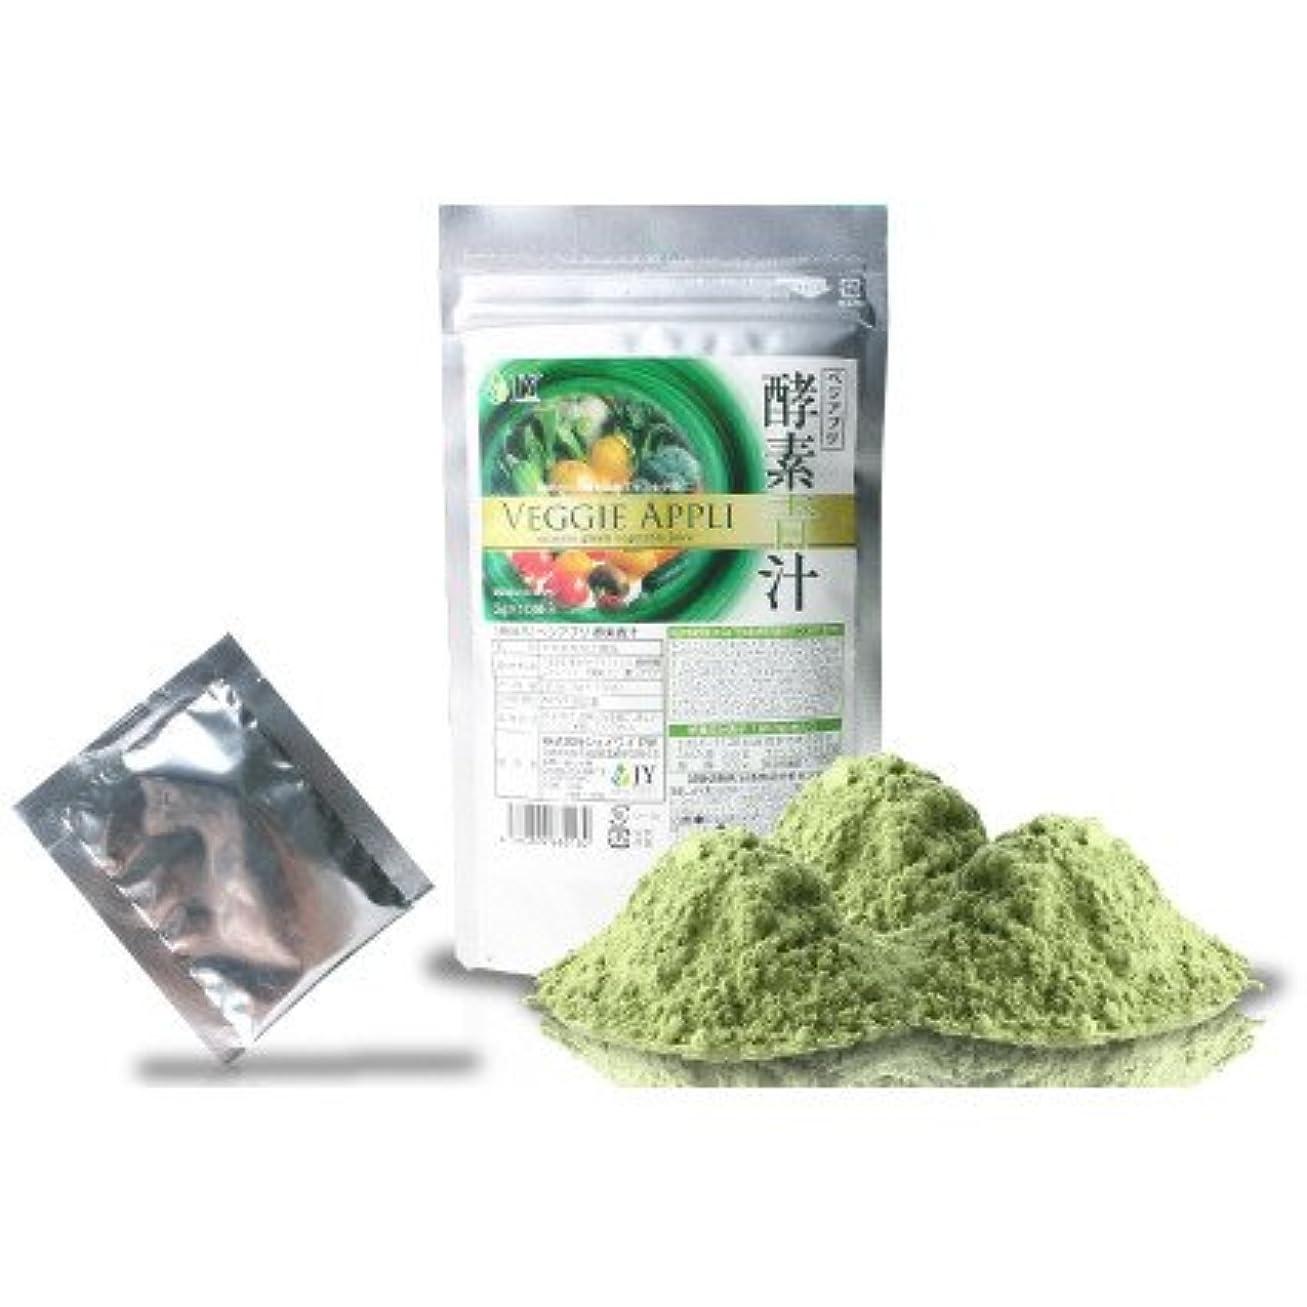 金額オールわずかな酵素と青汁と乳酸菌、効率よくダイエットをサポート『ベジアプリ 酵素青汁 約10日間お試しサイズ10包入り』